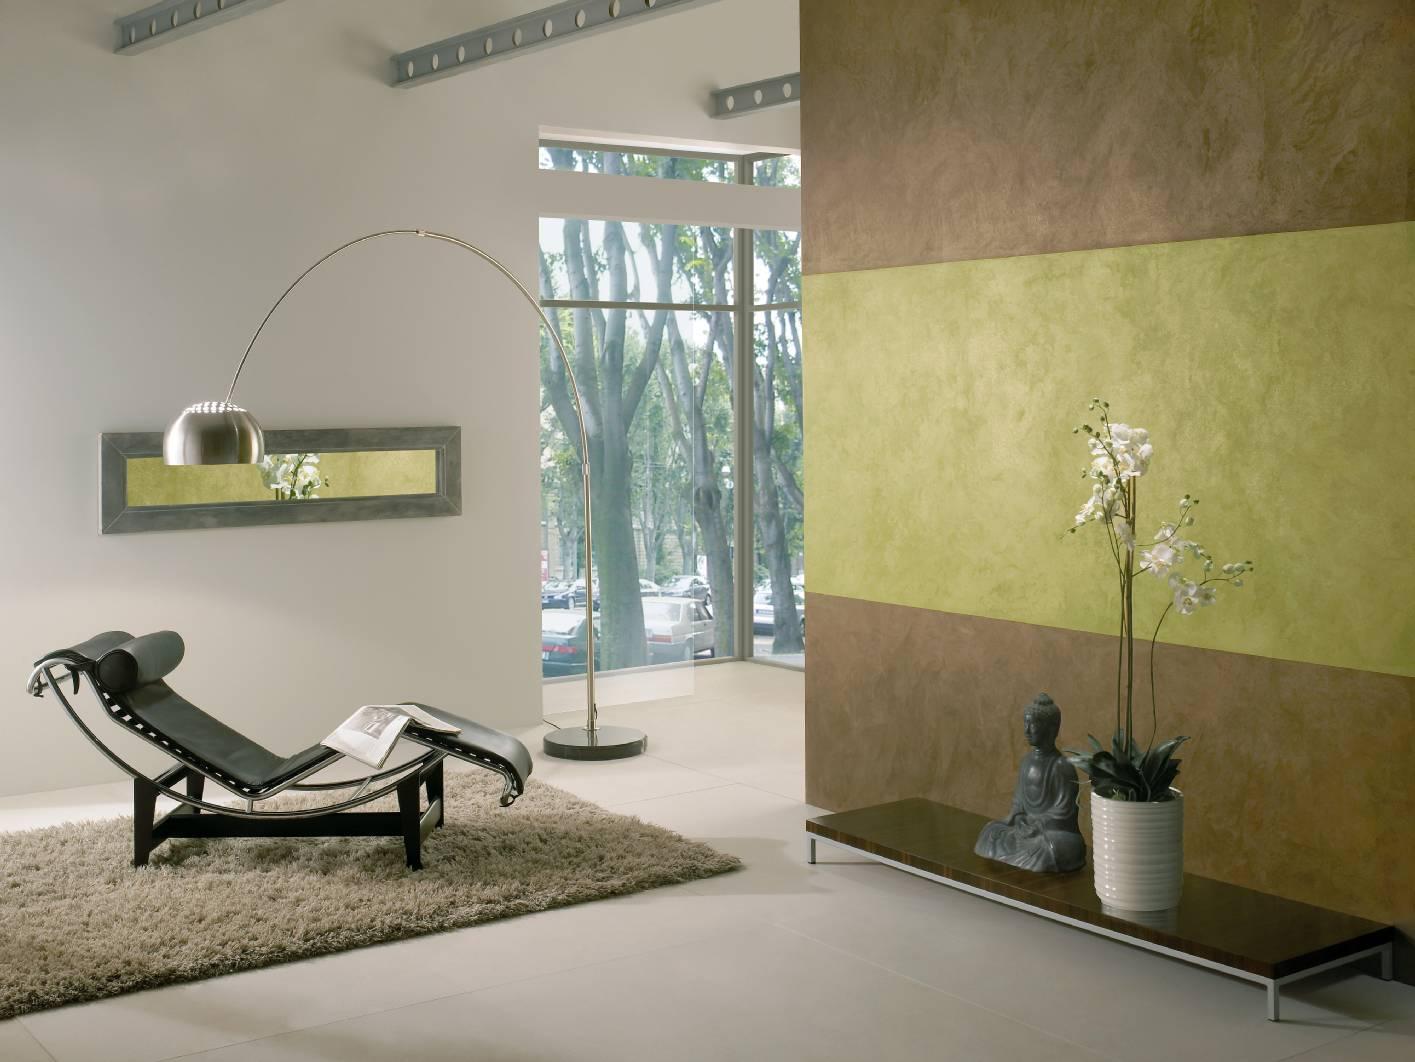 Ihr Malermeister In Warburg Innenraumgestaltung